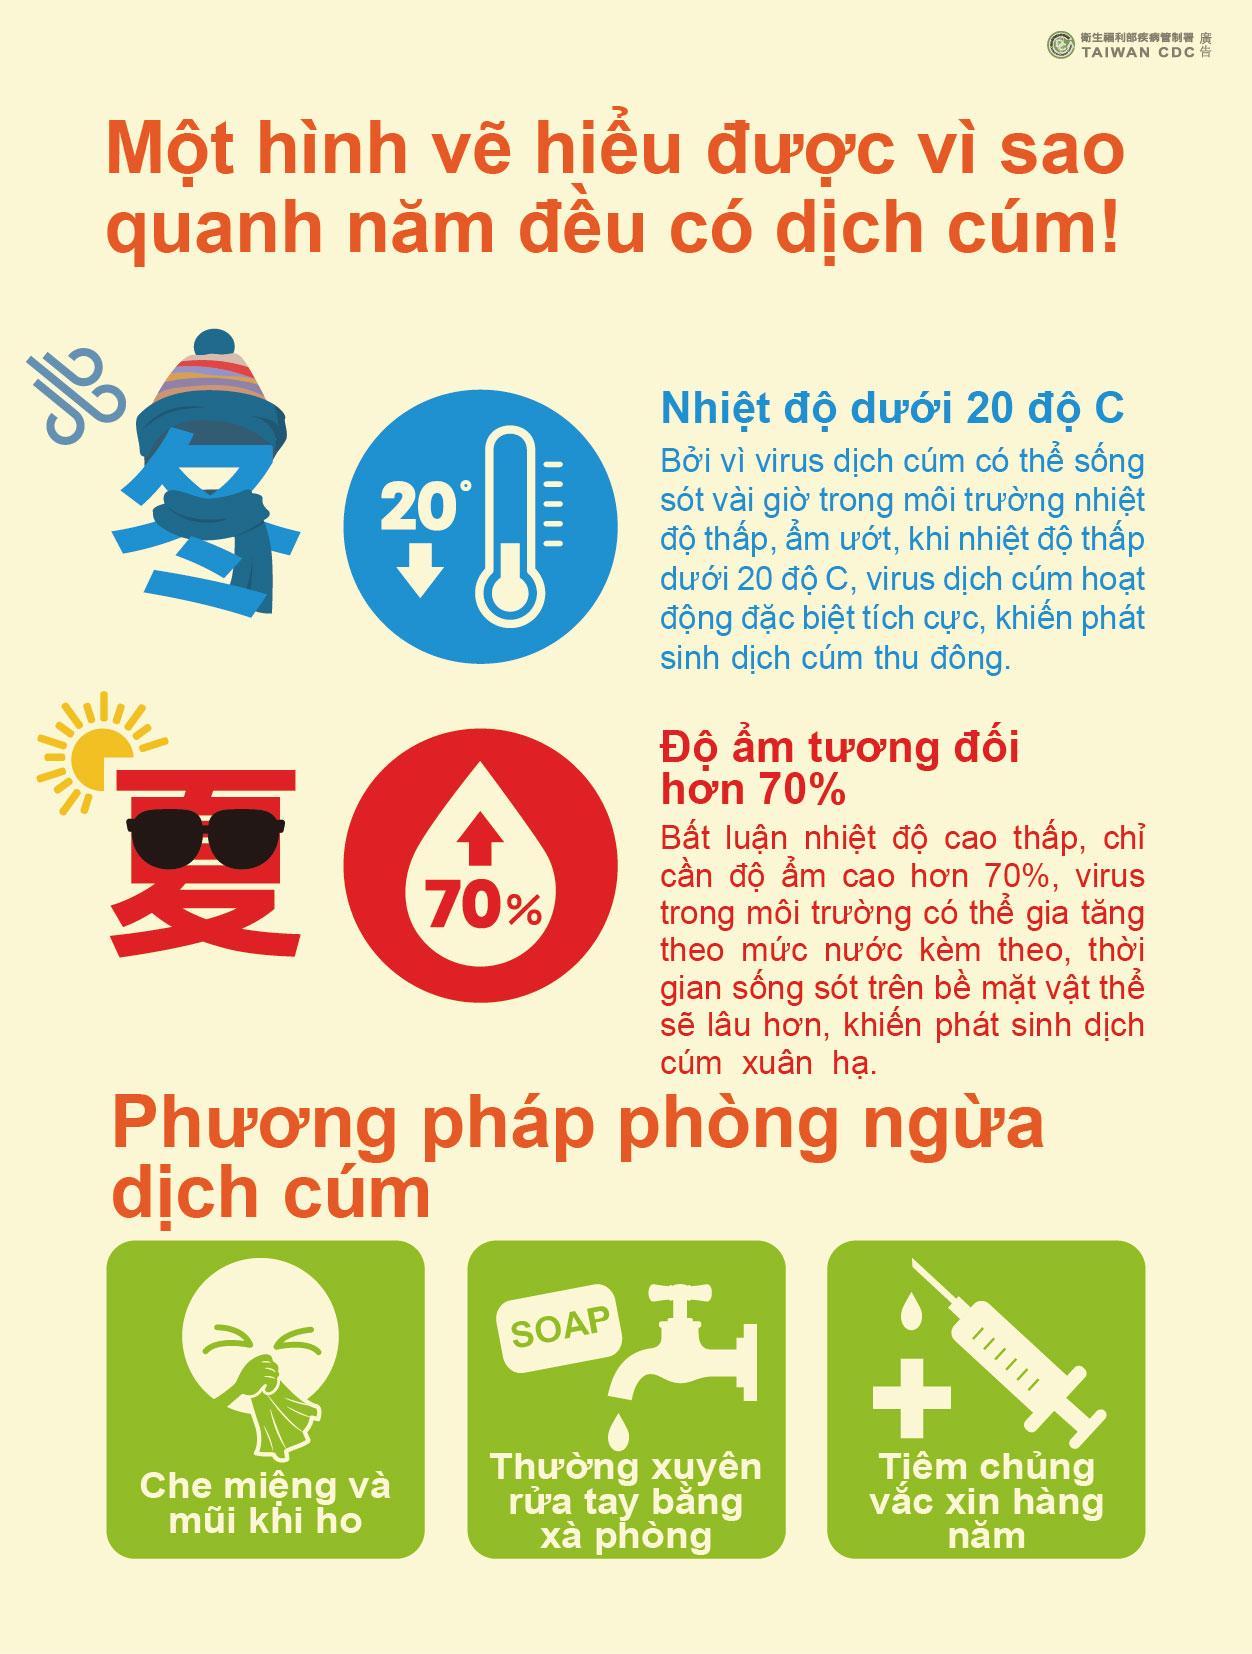 詳如附件【nhấp vào đây】Một hình vẽ hiểu được vì sao quanh năm đều có dịch cúm!一張圖了解為什麼全年都有流感!(越文)